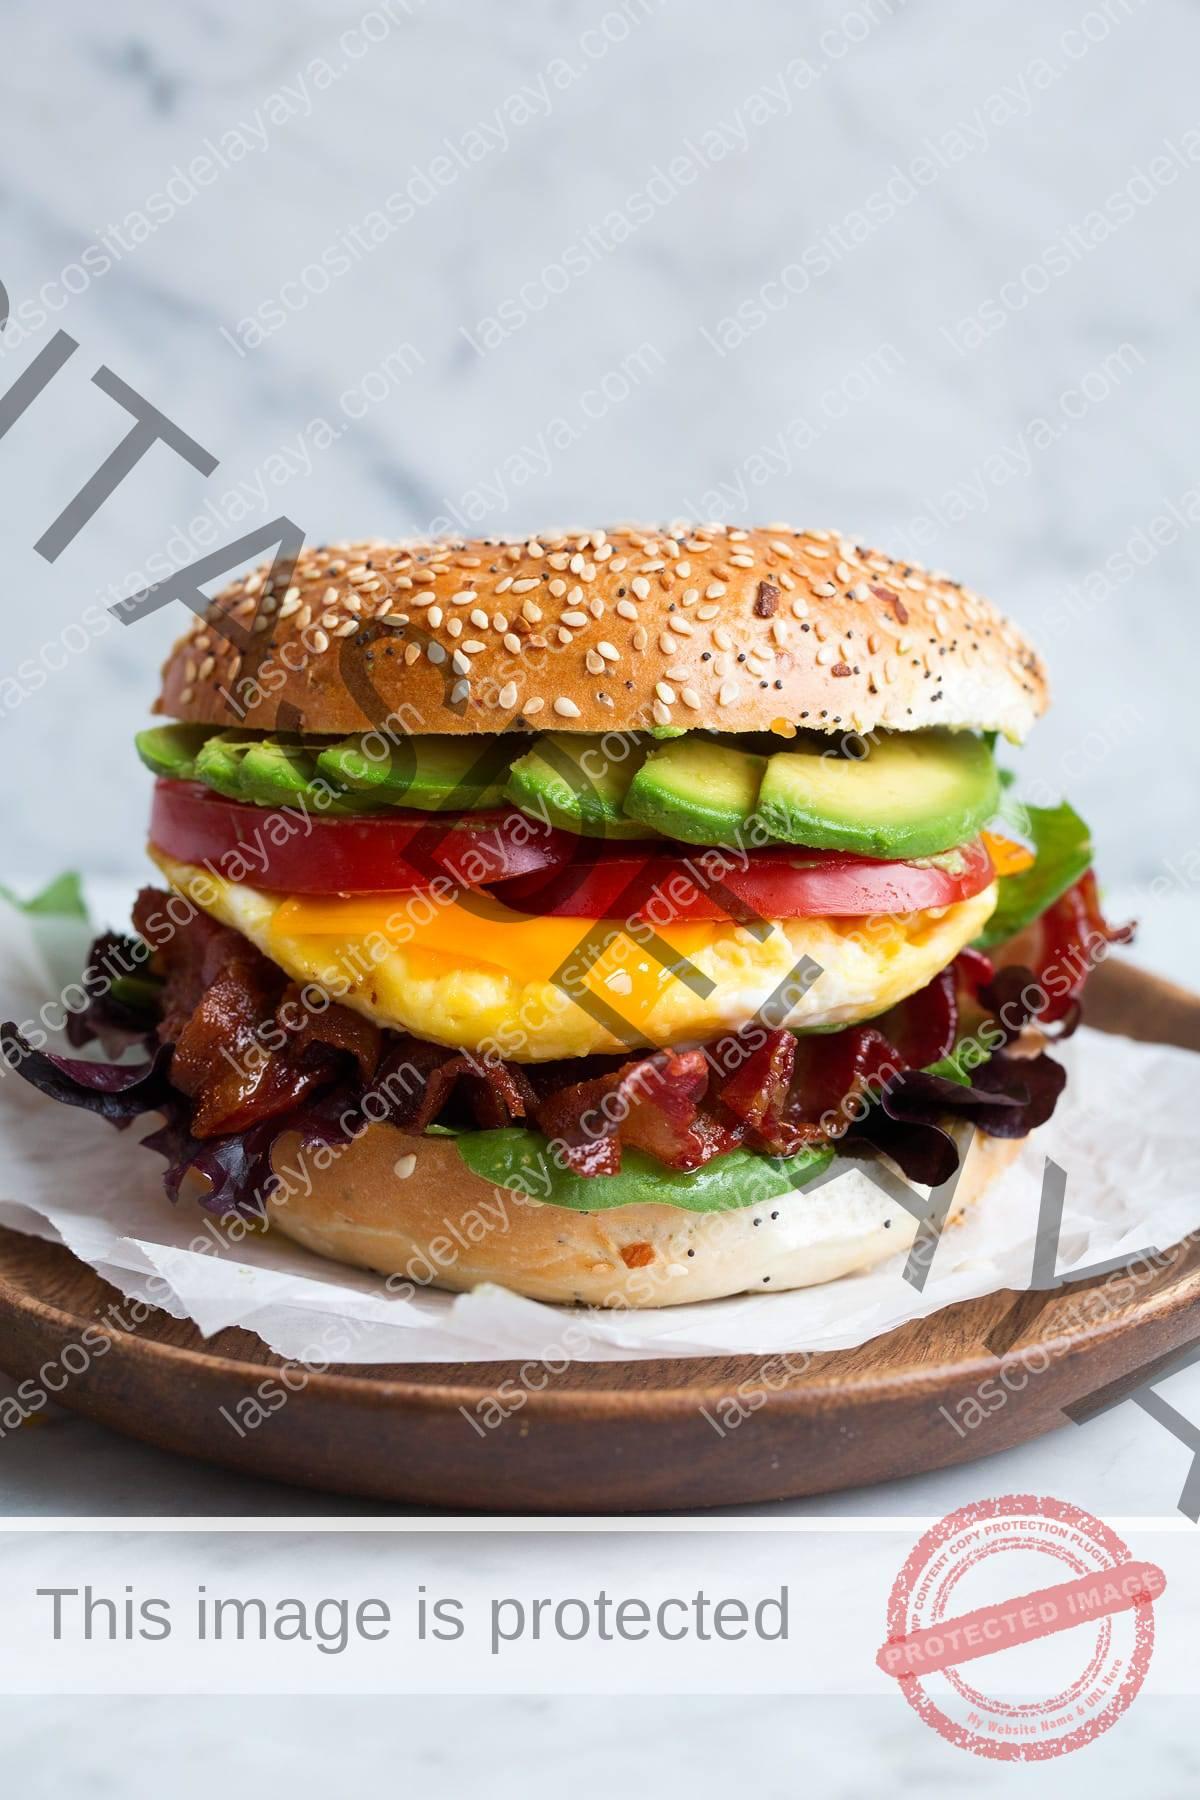 Sándwich de bagel con huevos para microondas, tocino, aguacate, tomate, queso cheddar y lechuga.